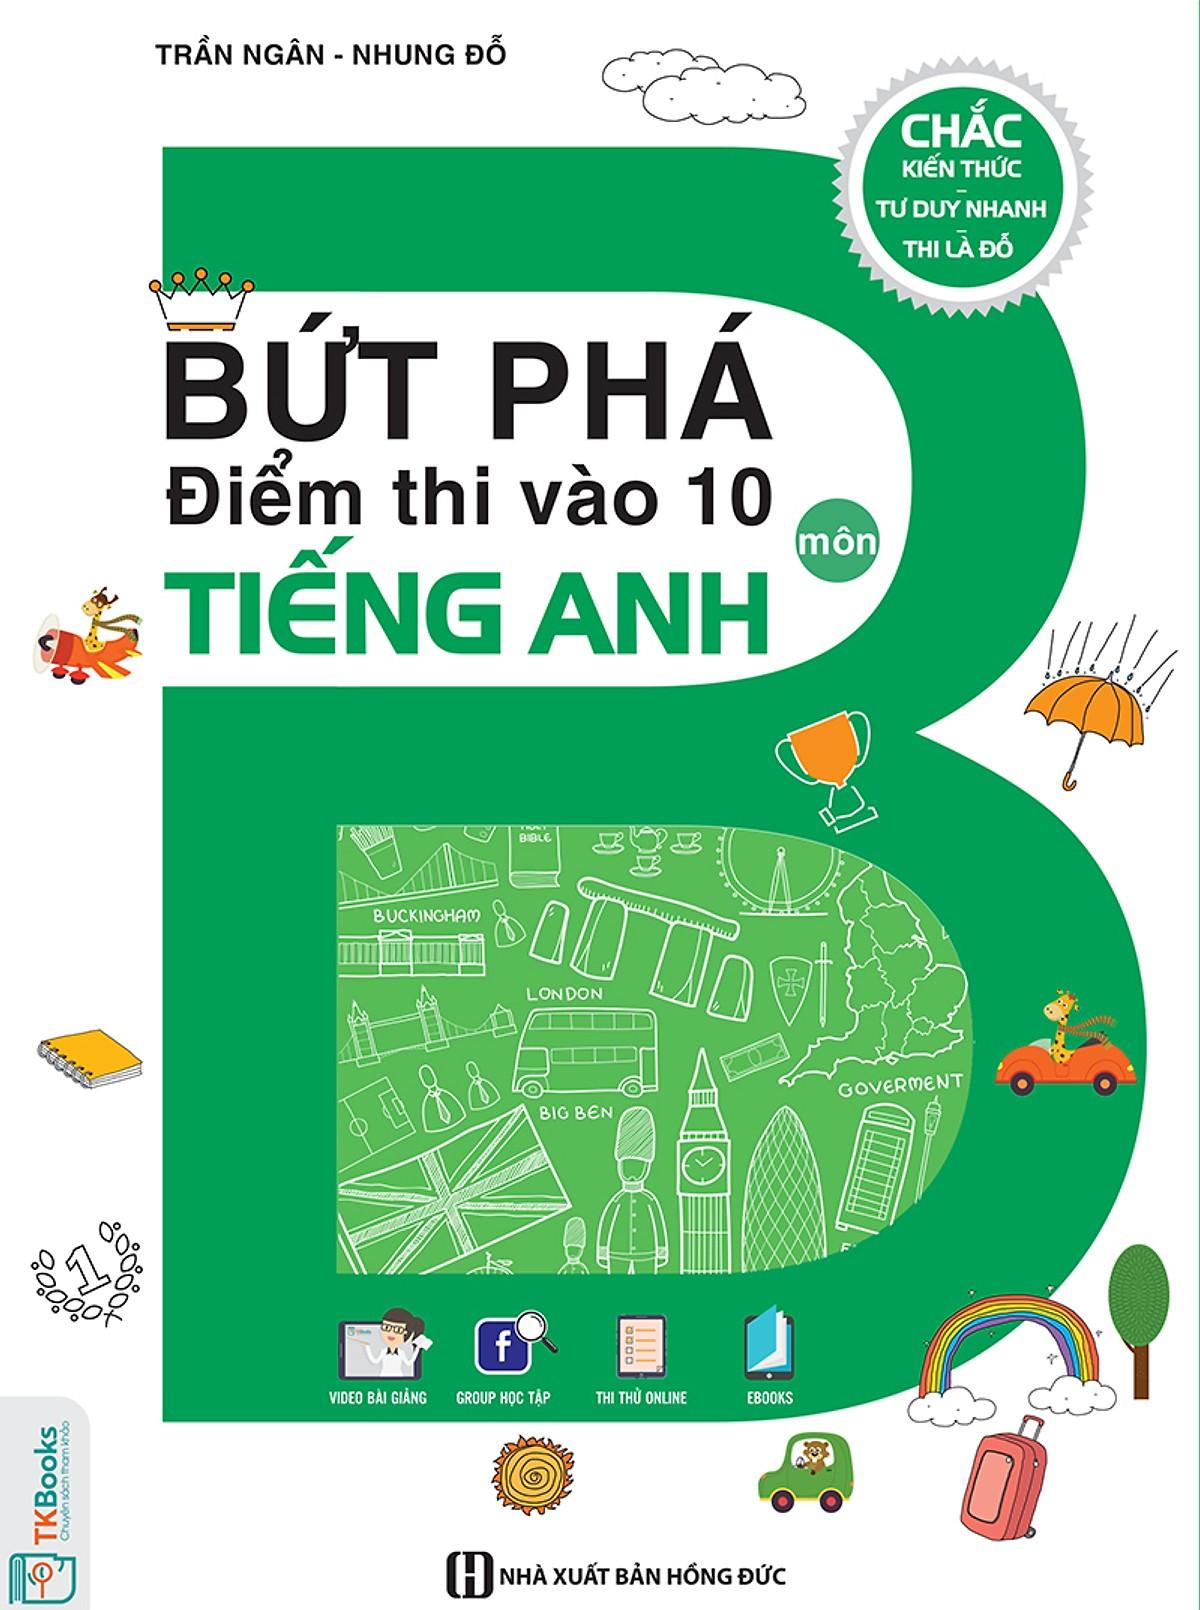 Combo Luyện Thi Vào Lớp 10 Môn Tiếng Anh ( Bứt Phá Điểm Thi Vào 10 Môn Tiếng Anh + Bộ Đề Bứt Phá Điểm Thi Vào 10 Môn Tiếng Anh ) ( tặng bút nhờ dòng)